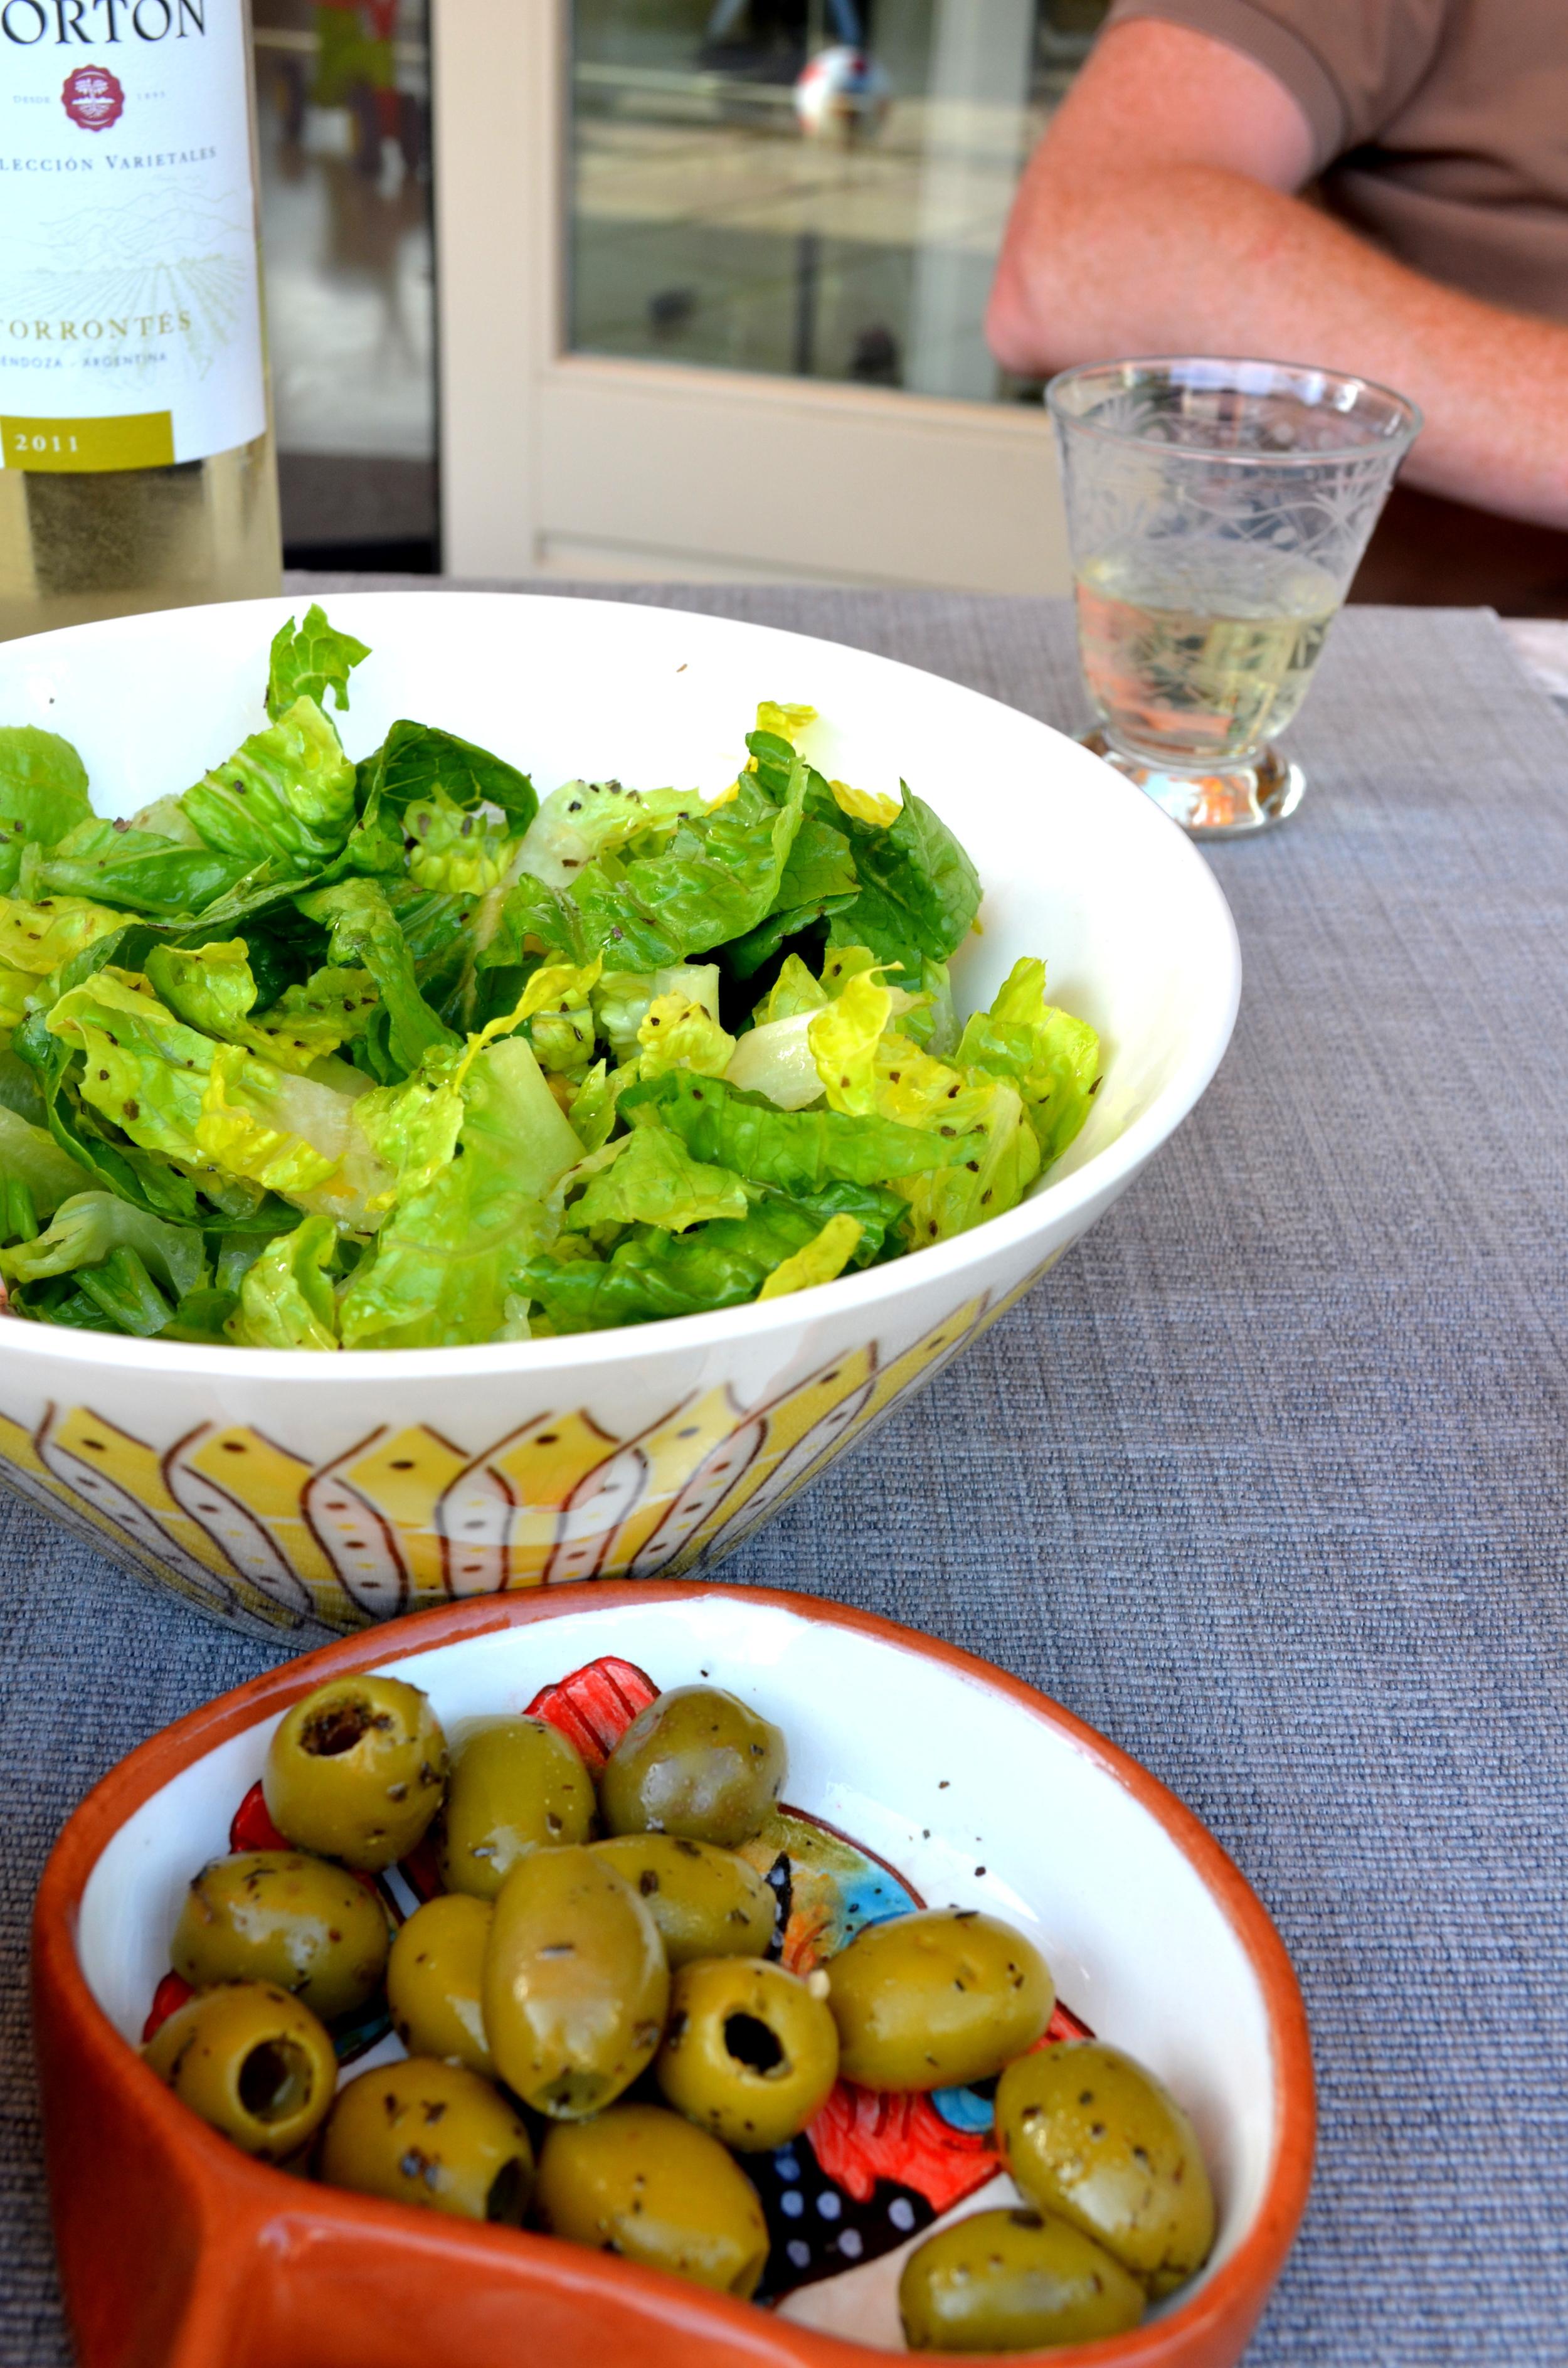 saladolives,  Nudo Italia Olive Oil, adopt a tree, italy, nudoitalia.com